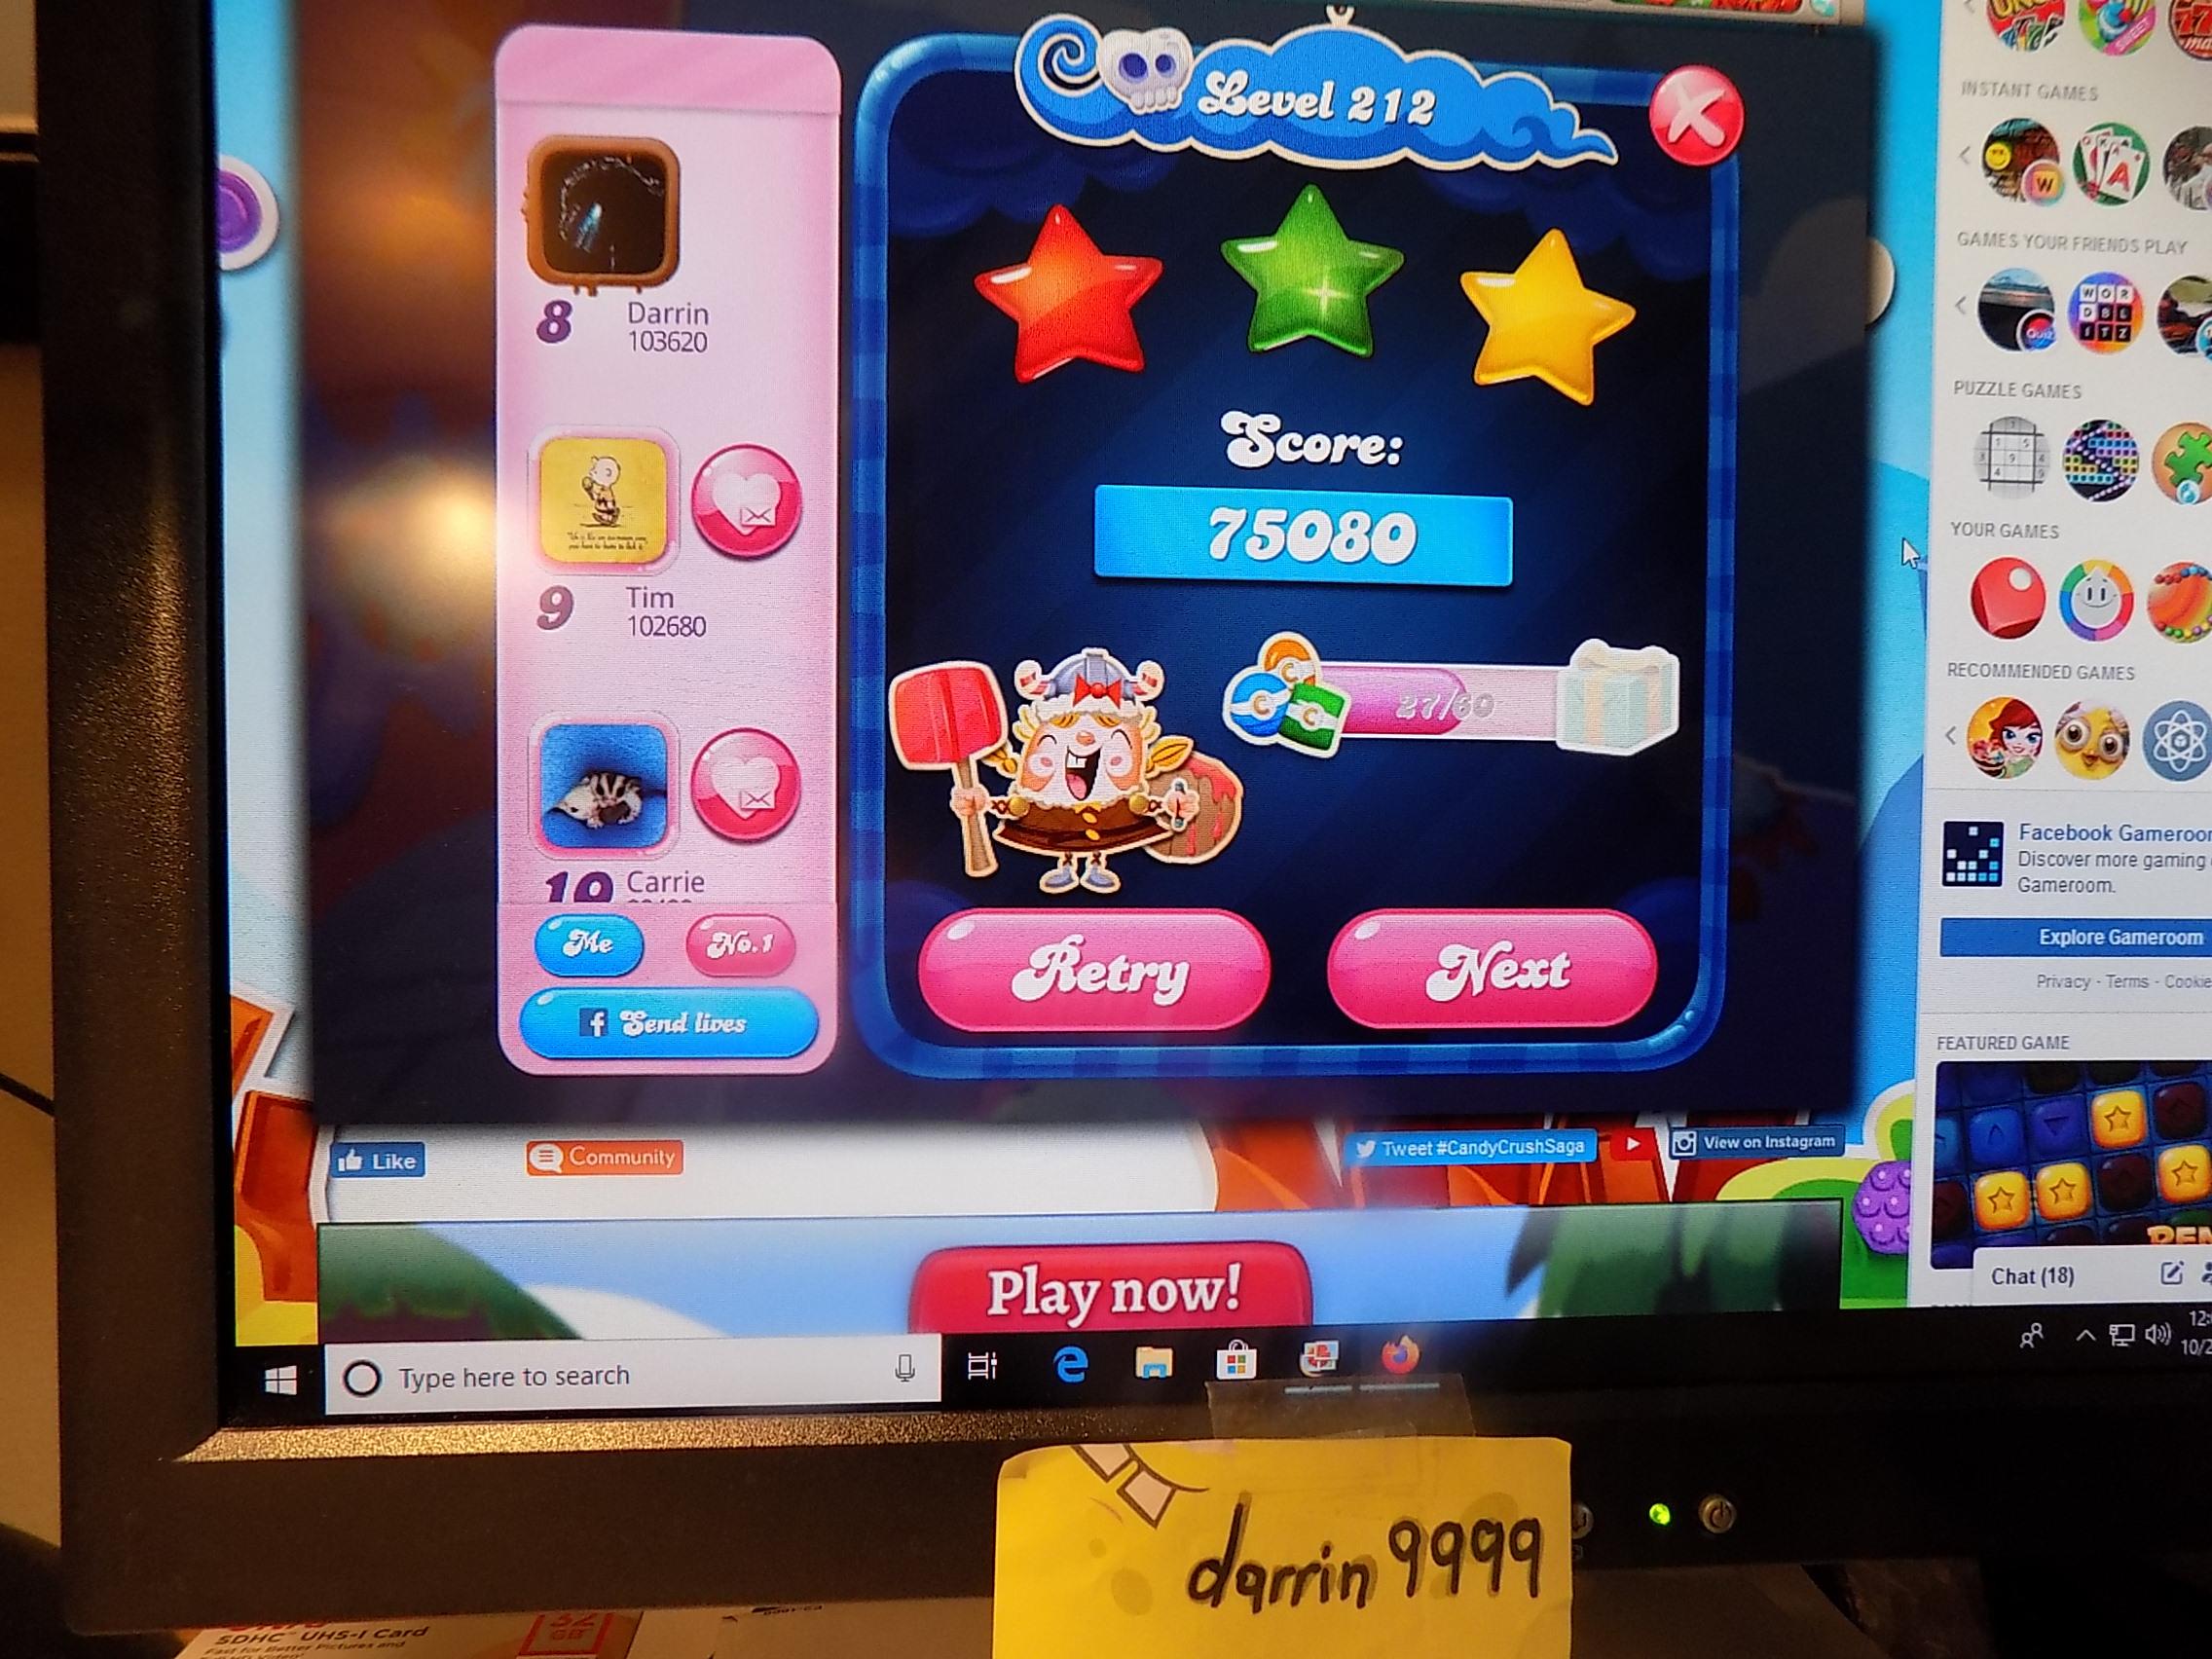 darrin9999: Candy Crush Saga: Level 212 (Web) 75,080 points on 2019-11-18 06:40:57